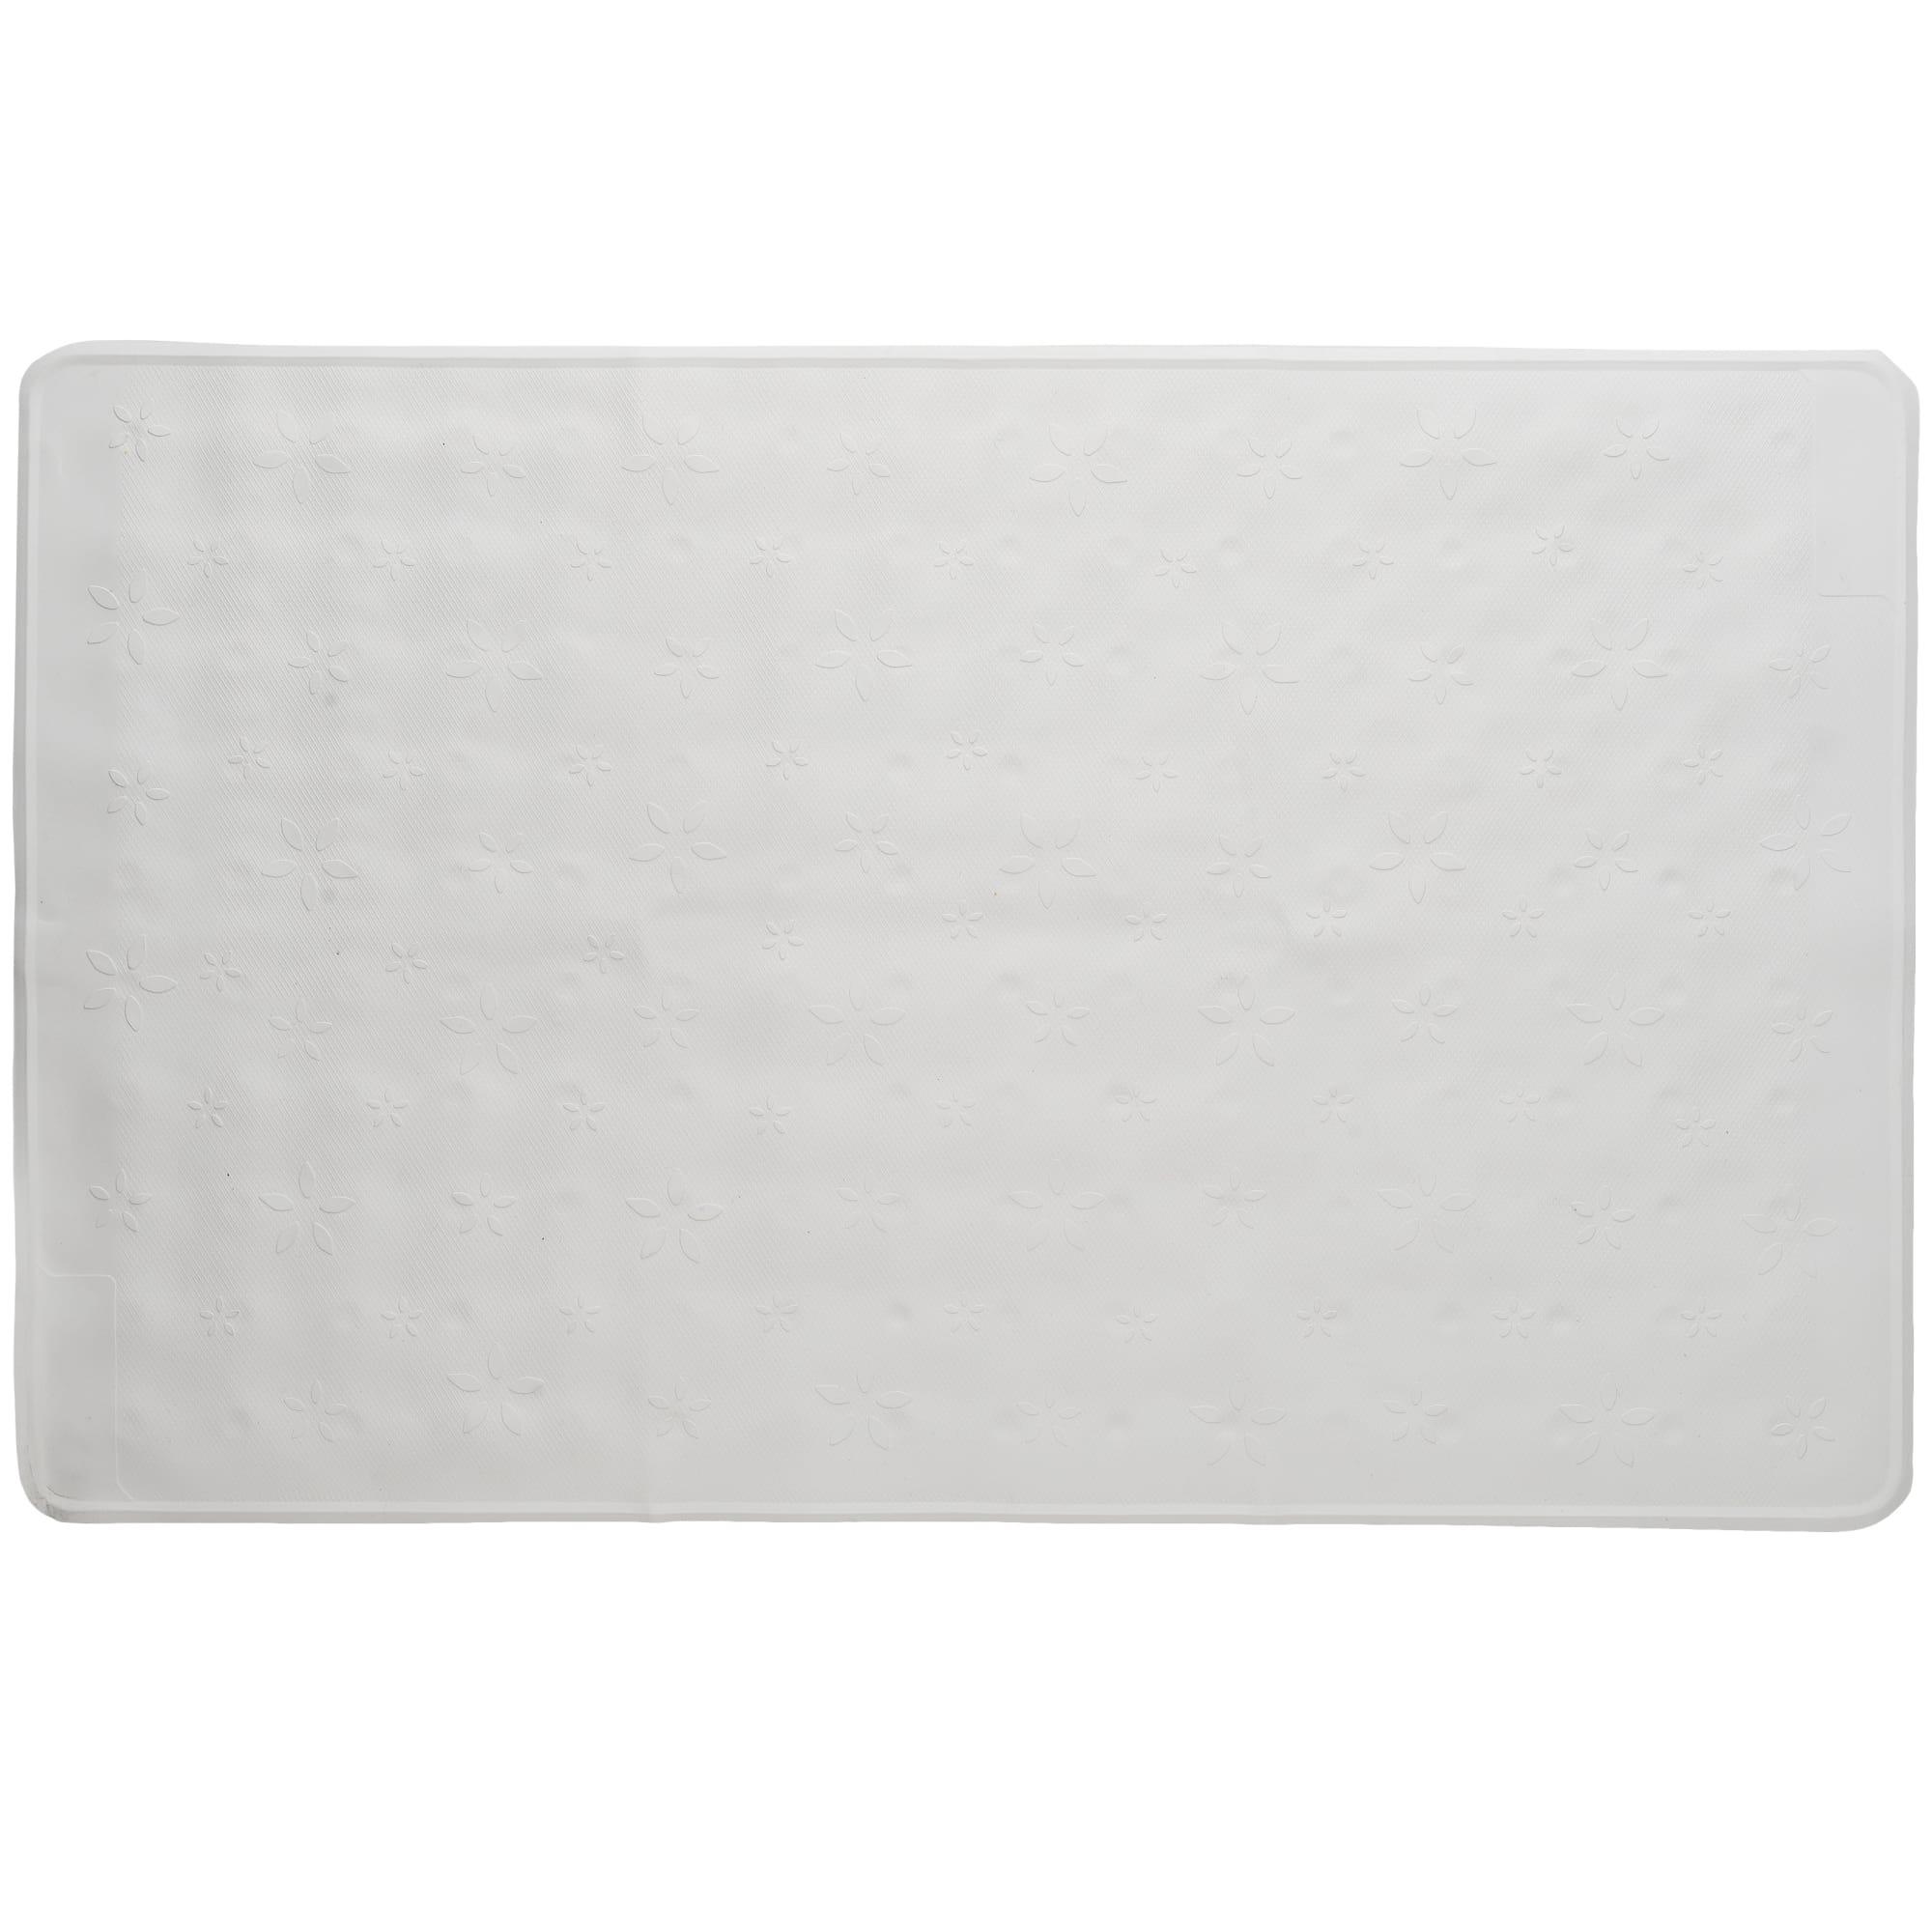 55 x 35 cm - Reducér glideulykker på badeværelset